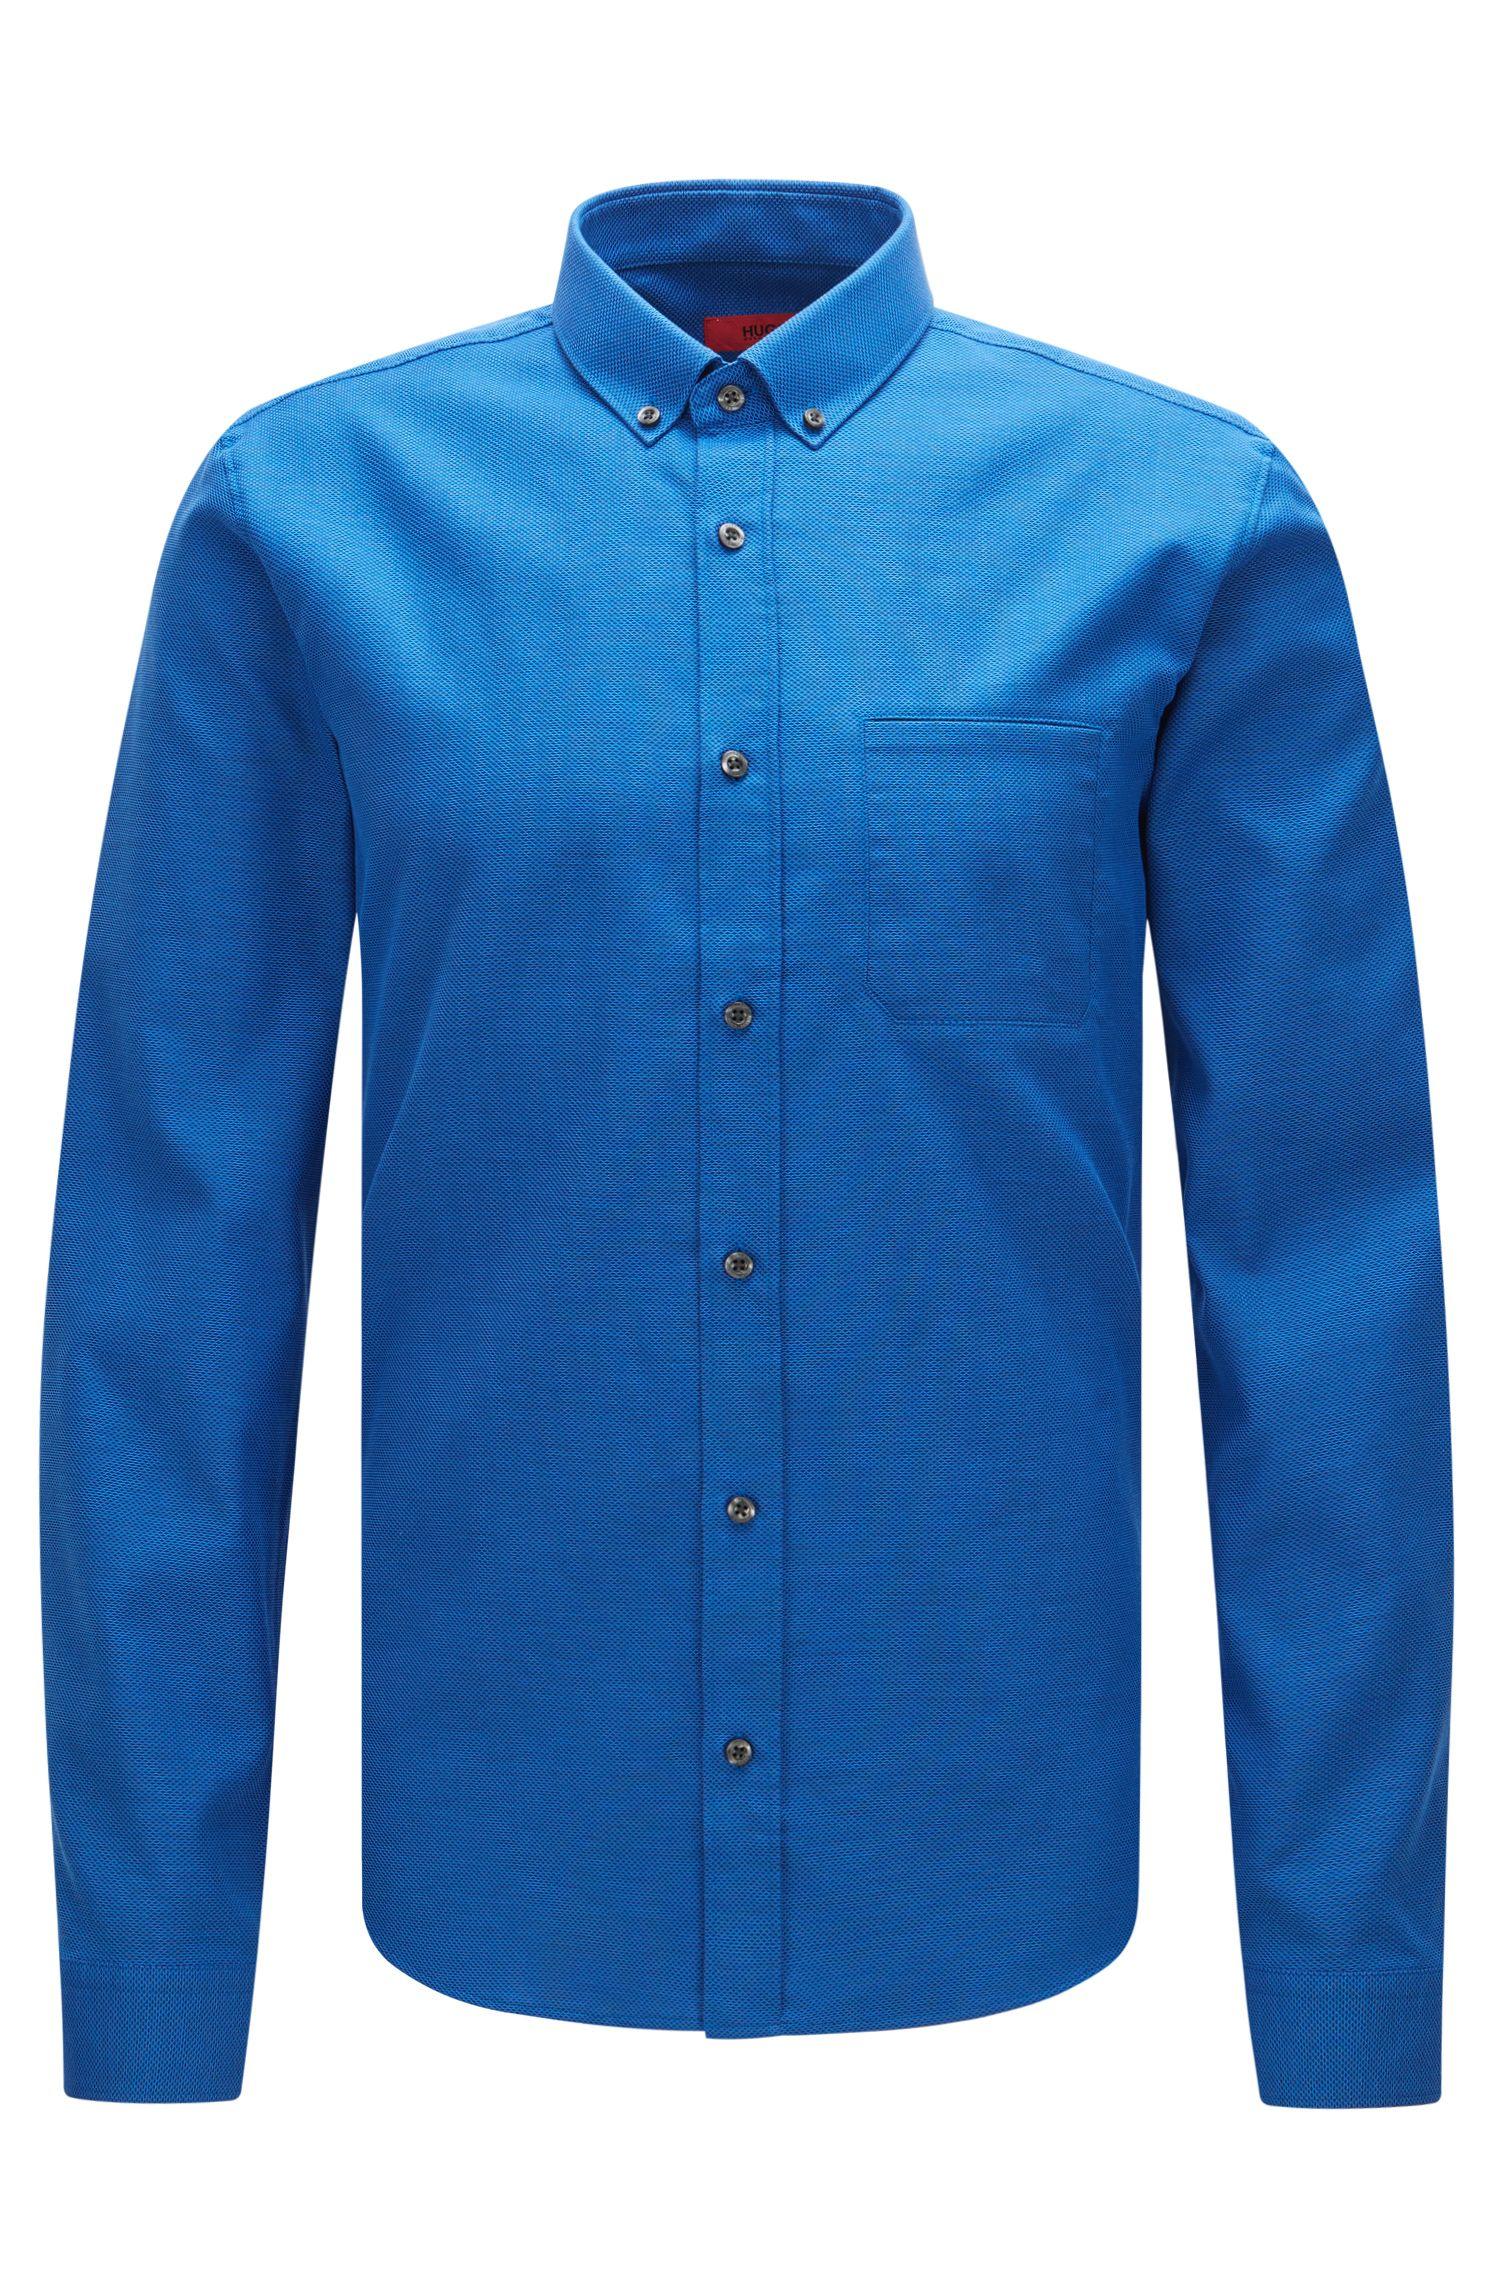 Cotton Button Down Shirt, Slim Fit | Enico